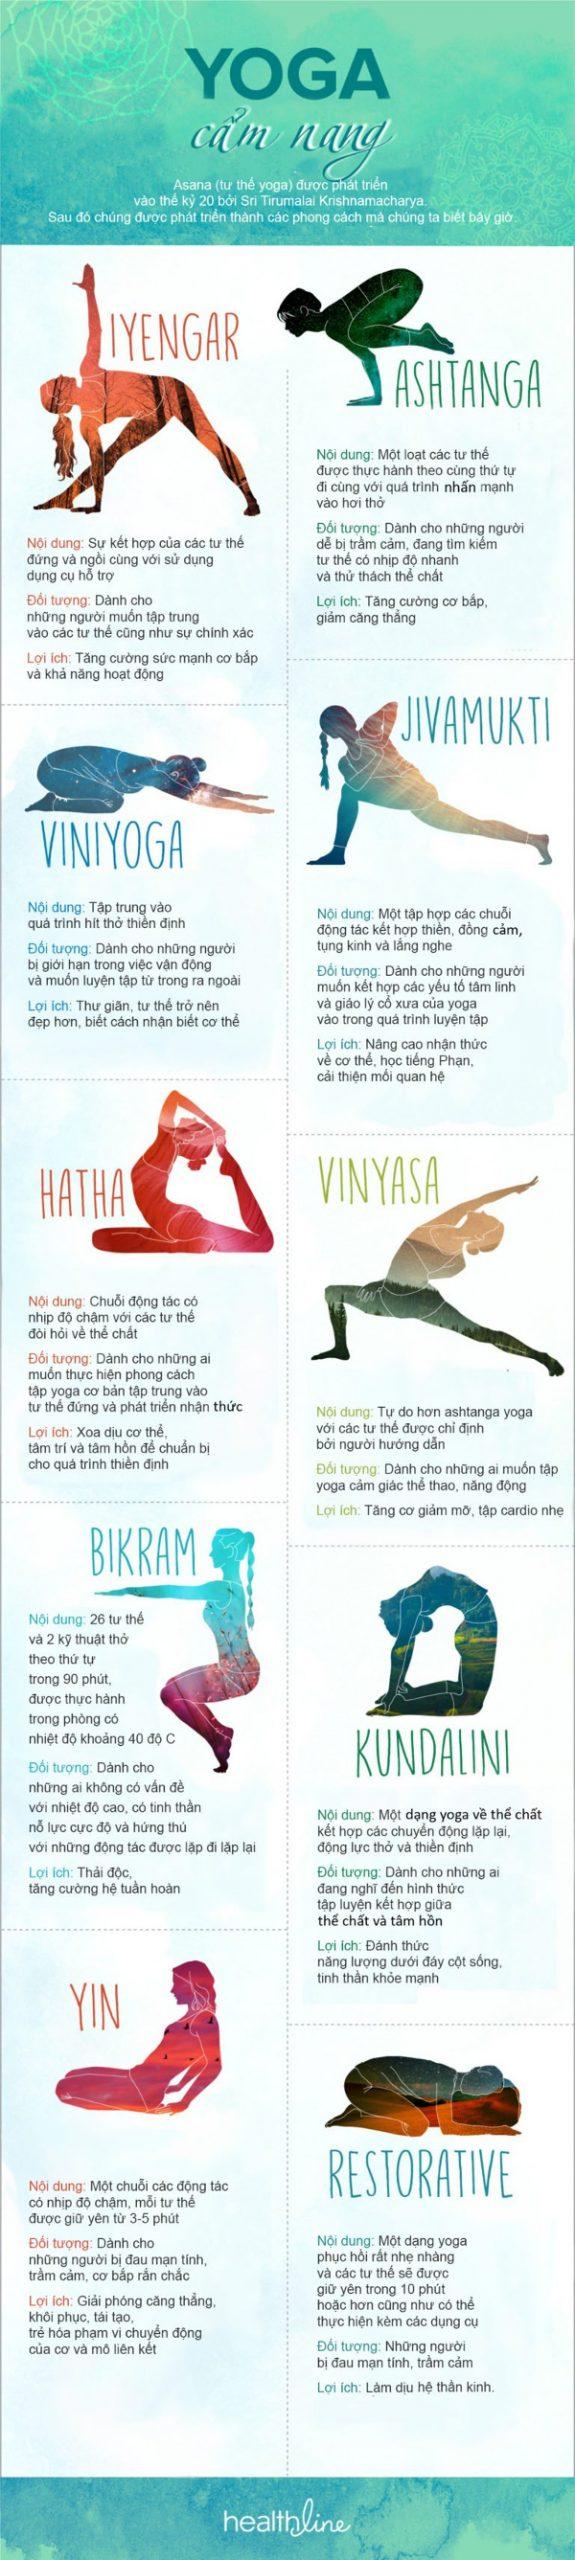 5 tư thế cơ bản của bài tập yoga cho người mới bắt đầu